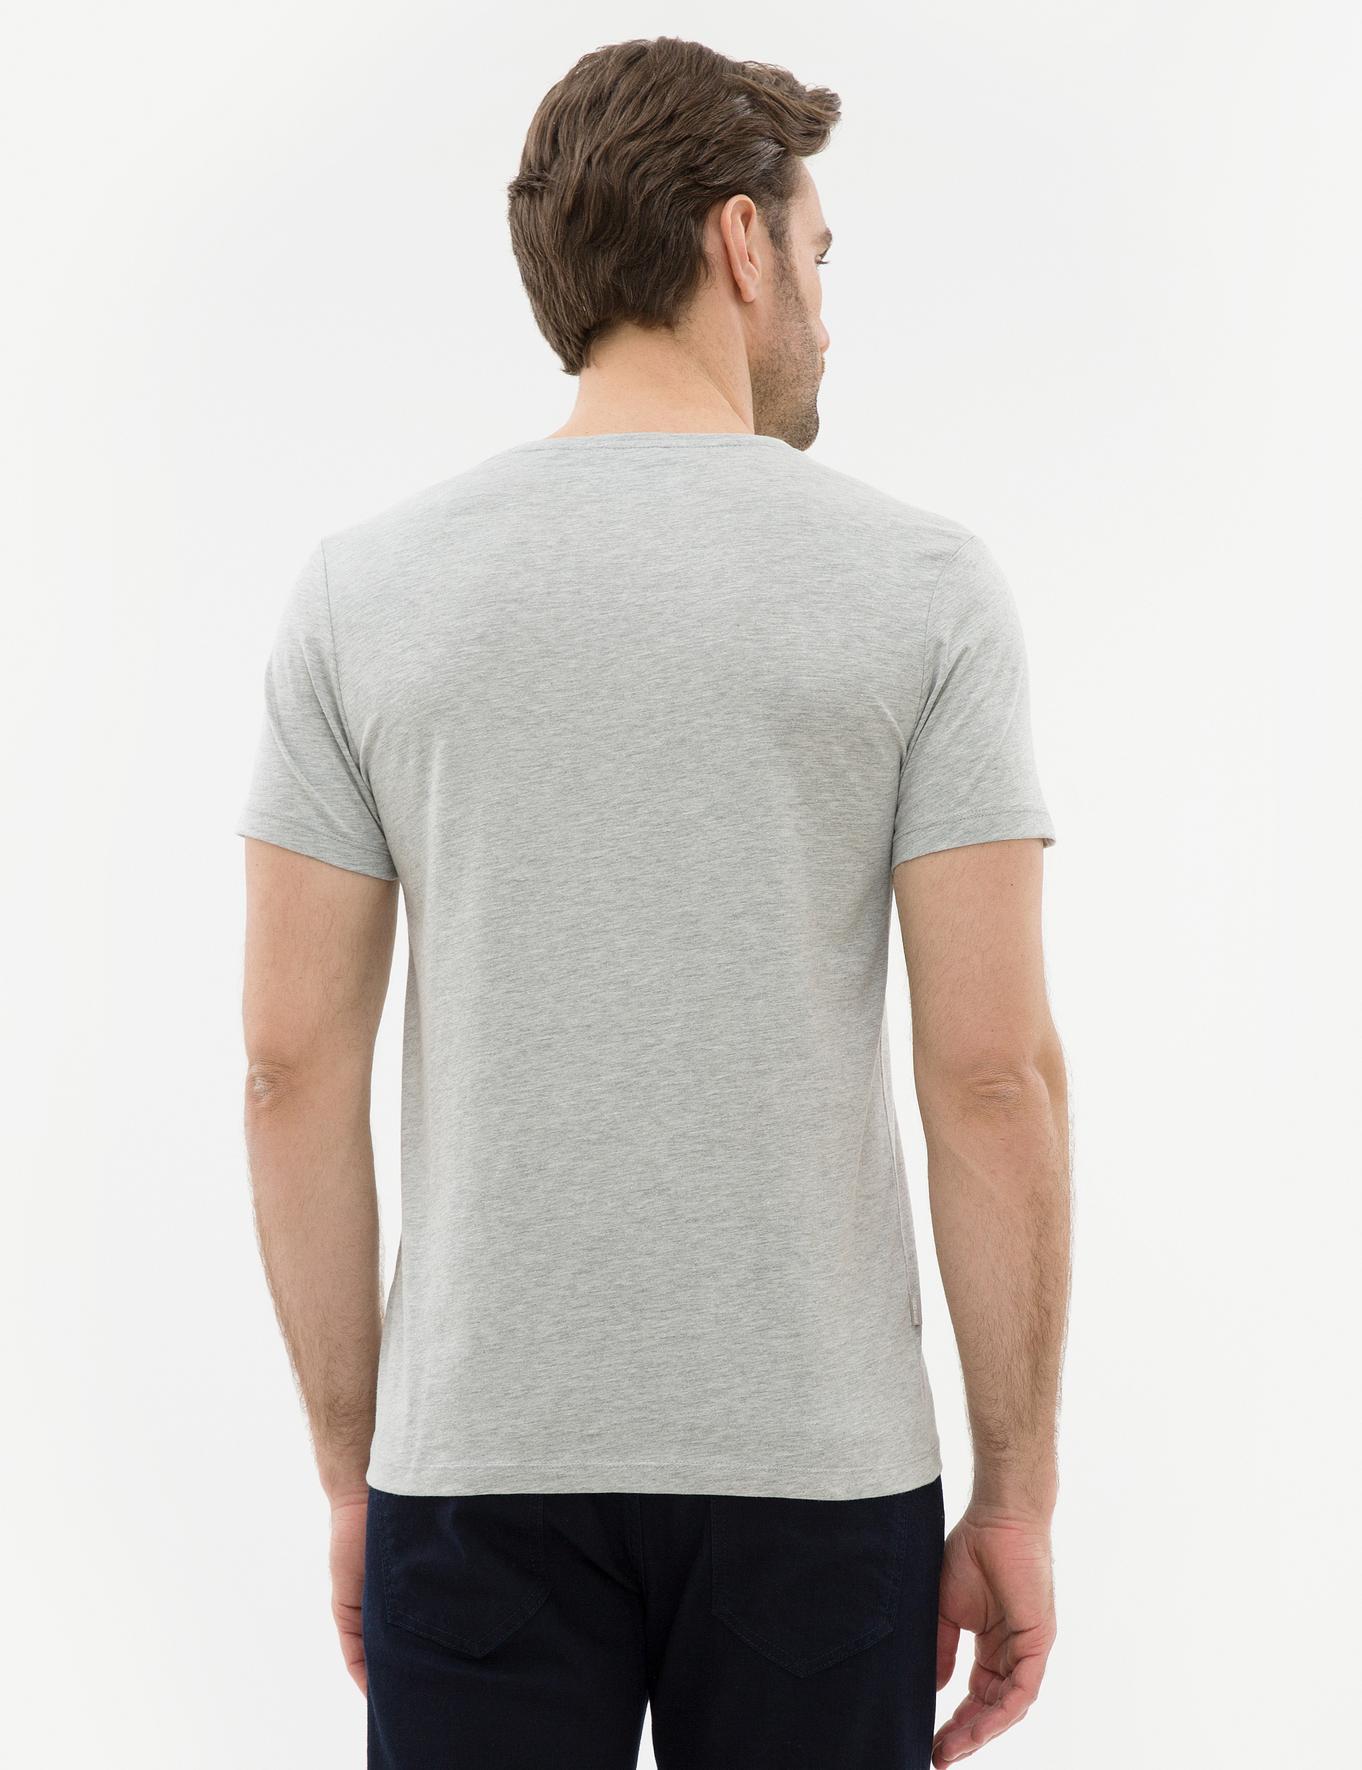 Açık Gri Melanj Slim Fit V Yaka T-Shirt